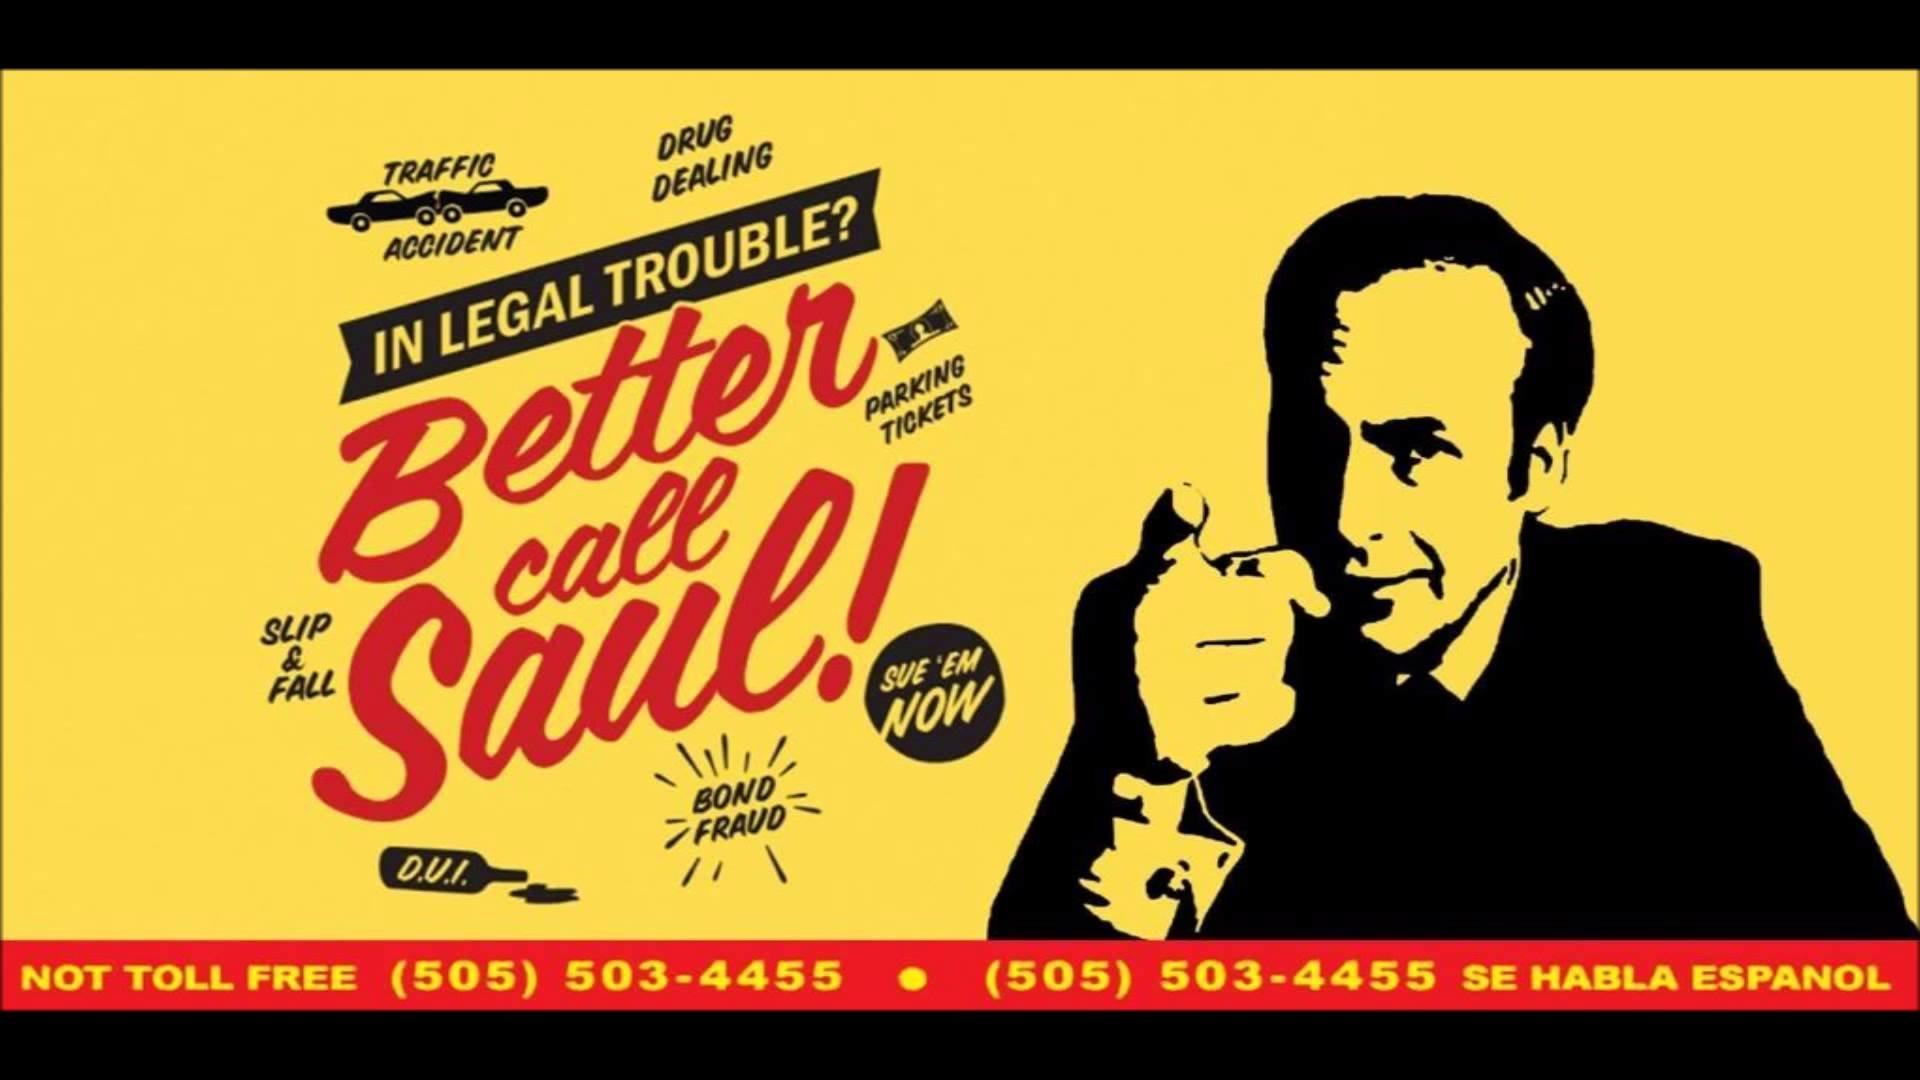 Better Call Saul wallpapers 1920x1080 Full HD 1080p desktop 1920x1080